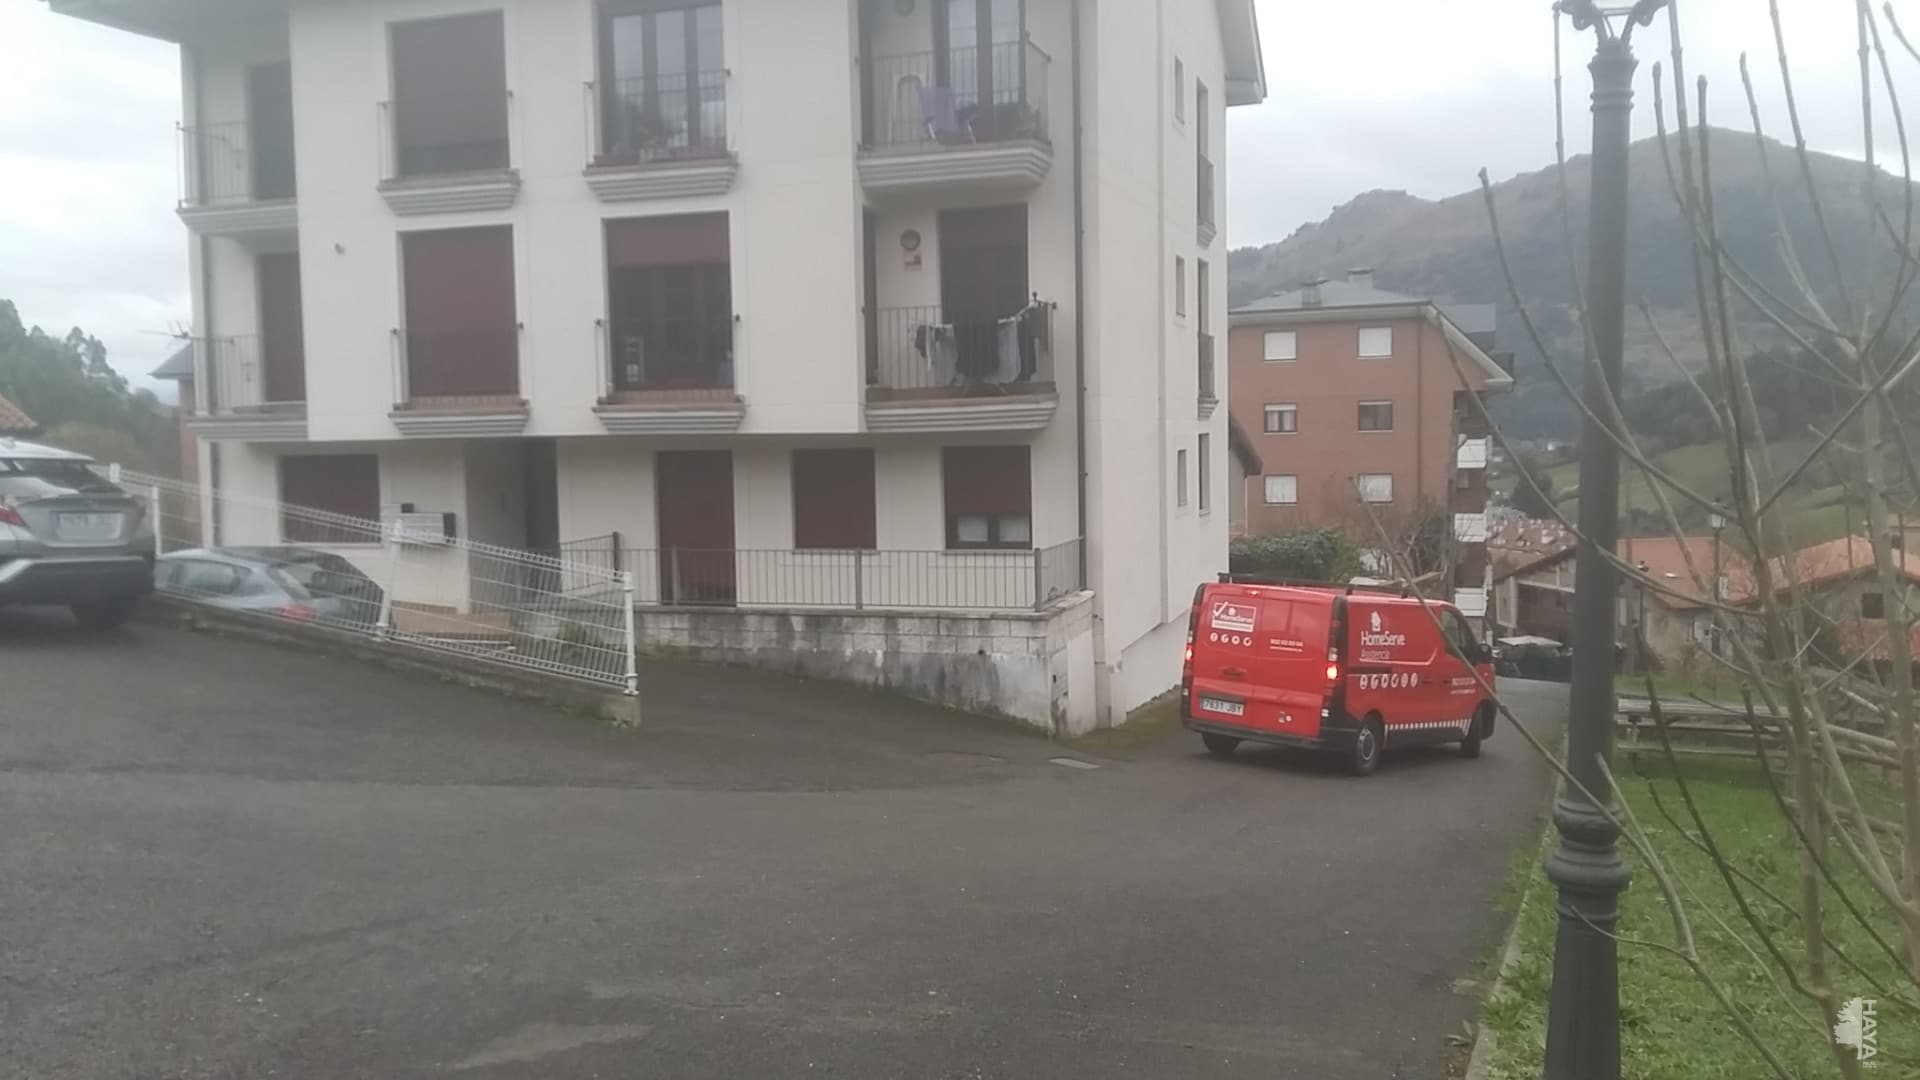 Piso en venta en Limpias, Cantabria, Calle del Canton, 91.000 €, 3 habitaciones, 1 baño, 97 m2